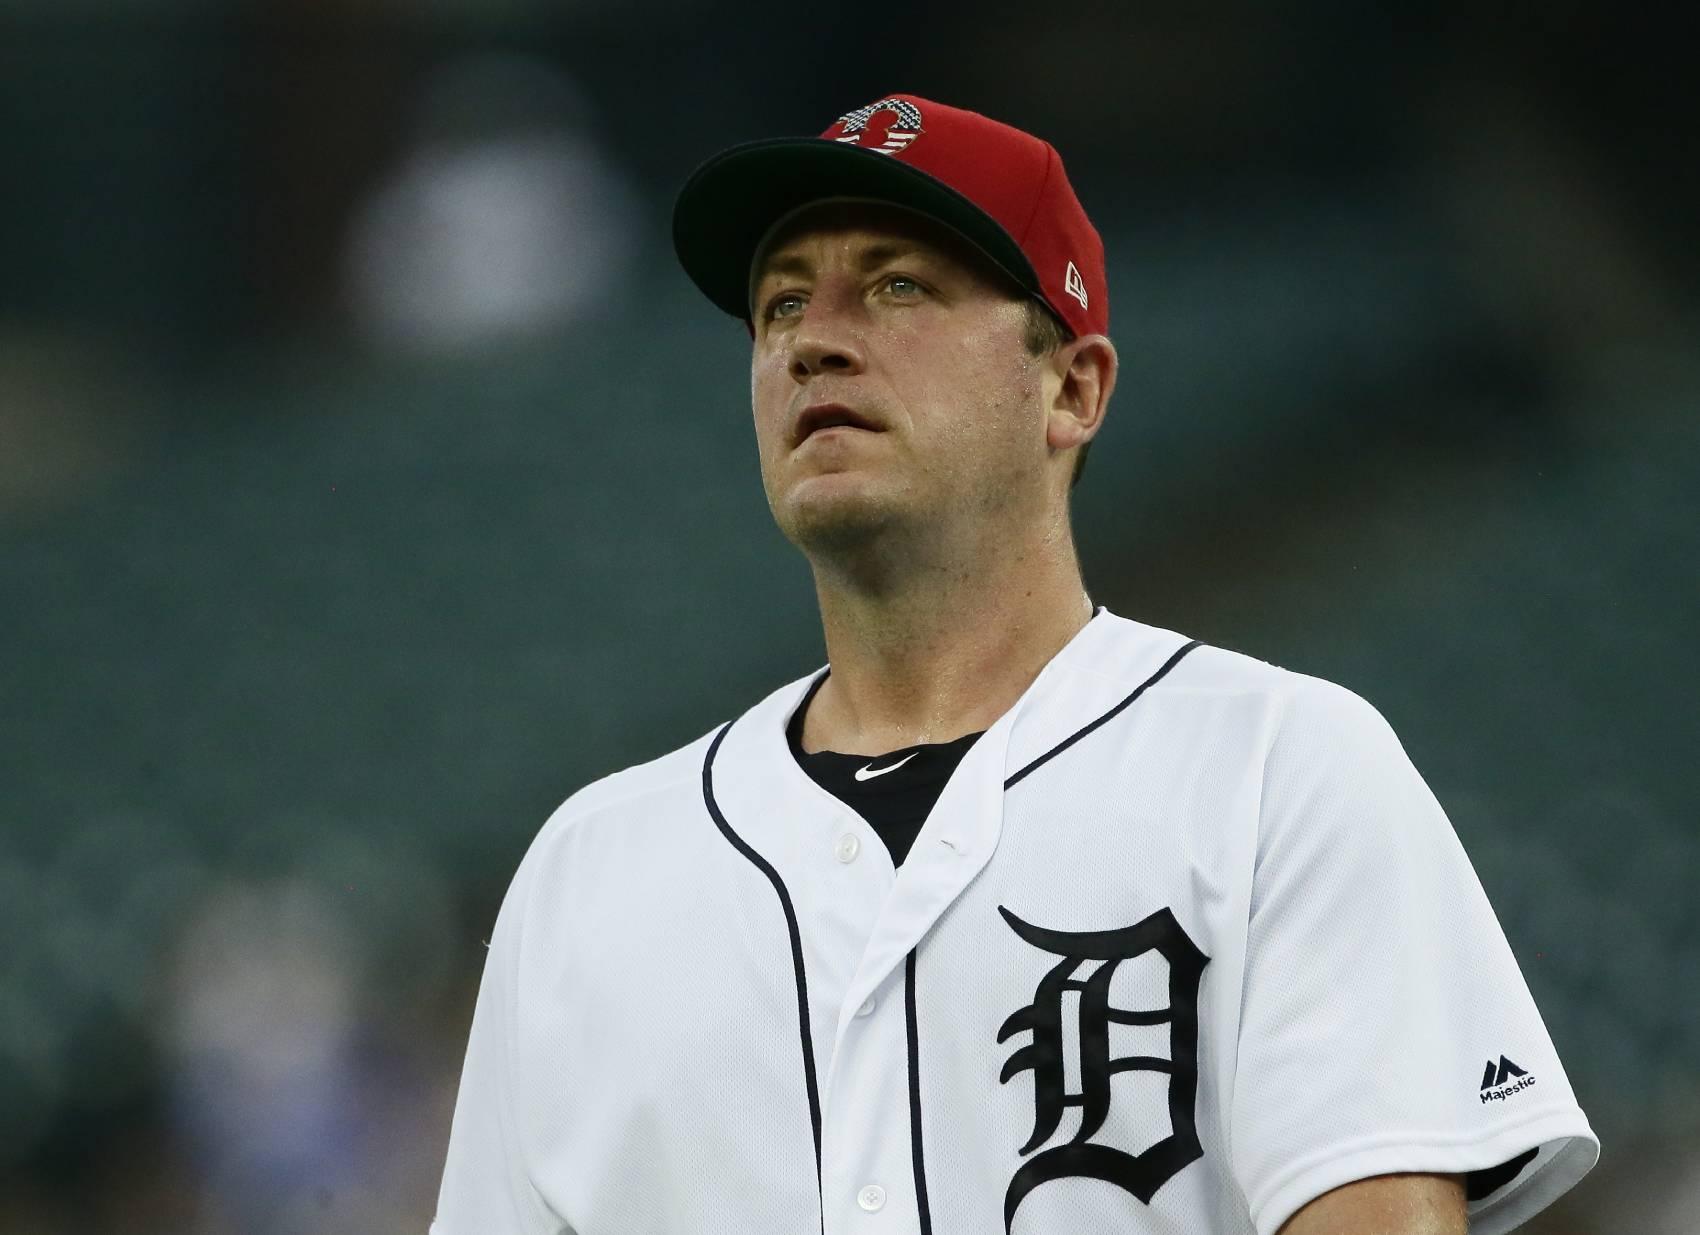 Jordan Zimmermann Has Earned $4.4 Million per Win With the Tigers